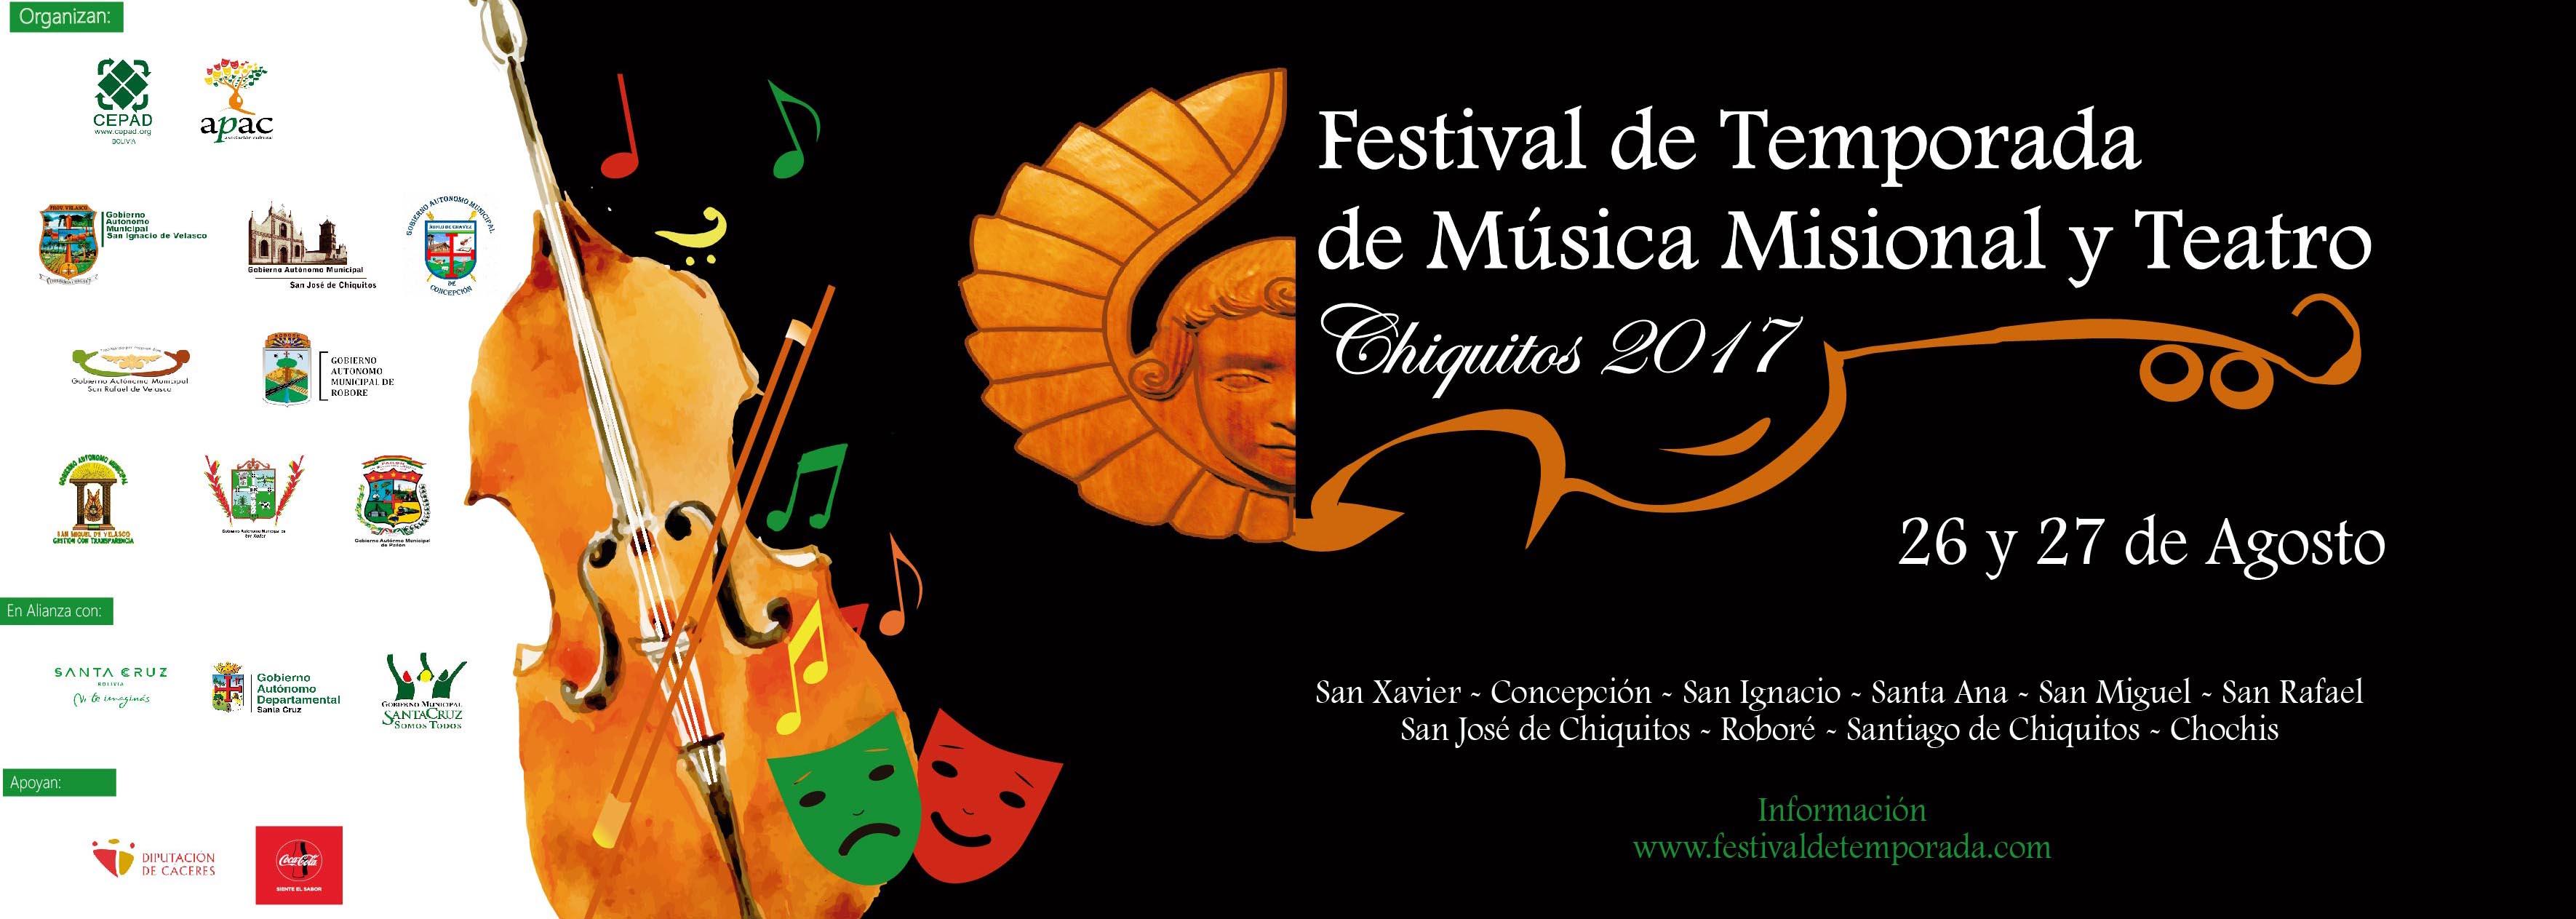 Festival de Temporada Chiquitos 2017